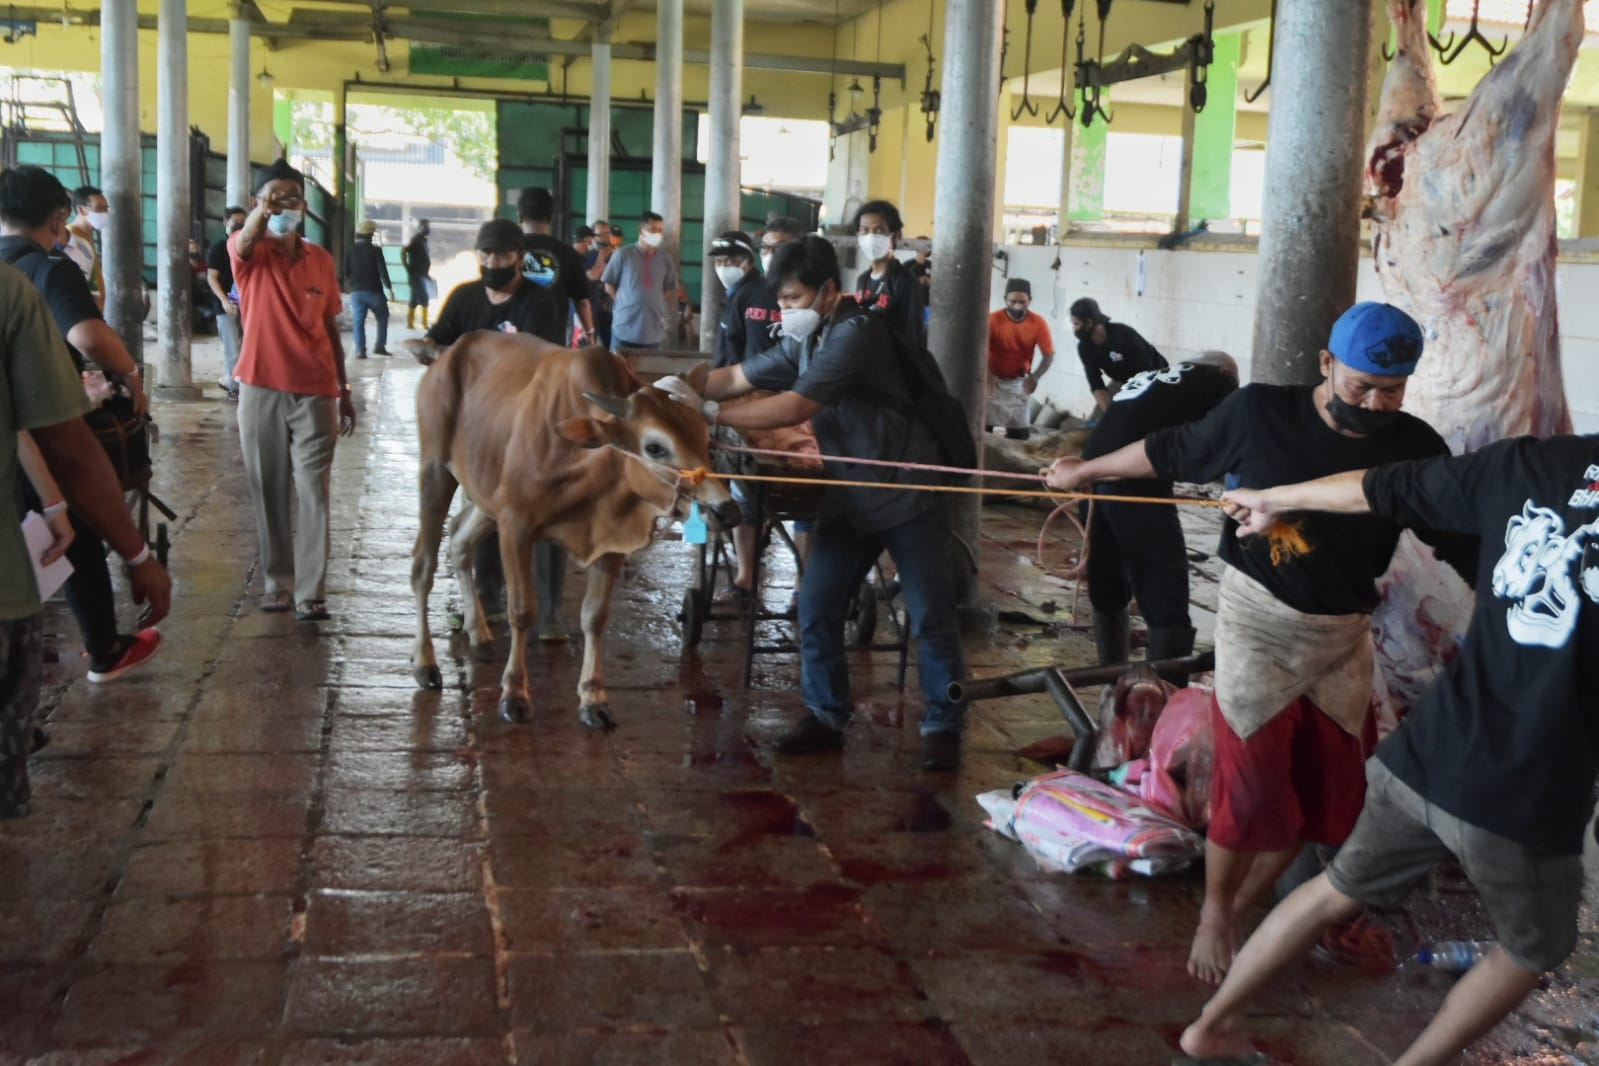 Suasana Penyembelihan hewan di RPH Penggaron, pada Iduladha 1442H/2021M ini terjadi kenaikan penyembelihan hewan di RPH Penggaron. DINDA RAHMASARI TUNGGAL SUKMA/LINGKAR.CO